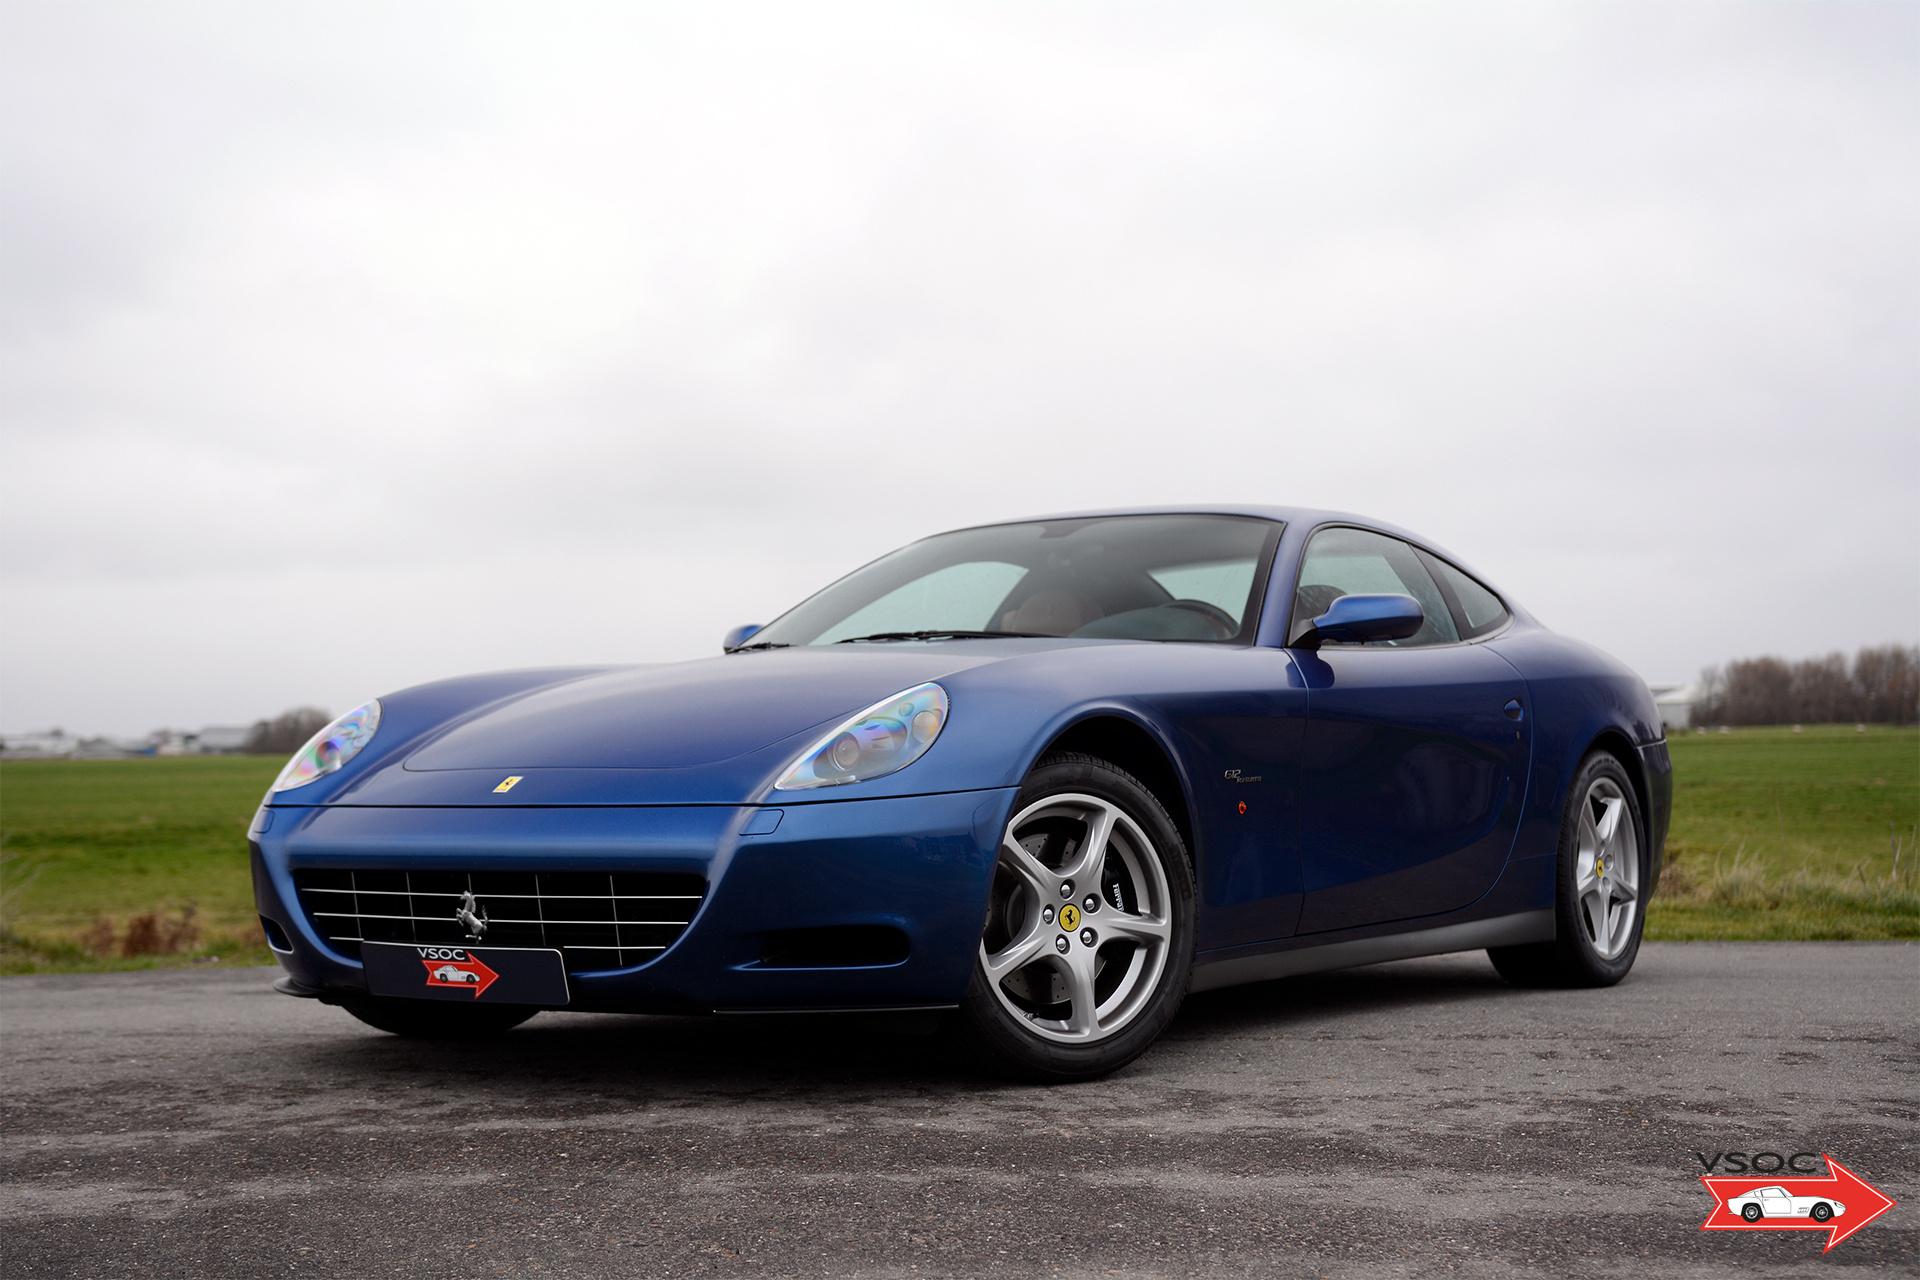 2005 Ferrari 612 Scaglietti Blu Mirabeau Low Mileage Classic Driver Market